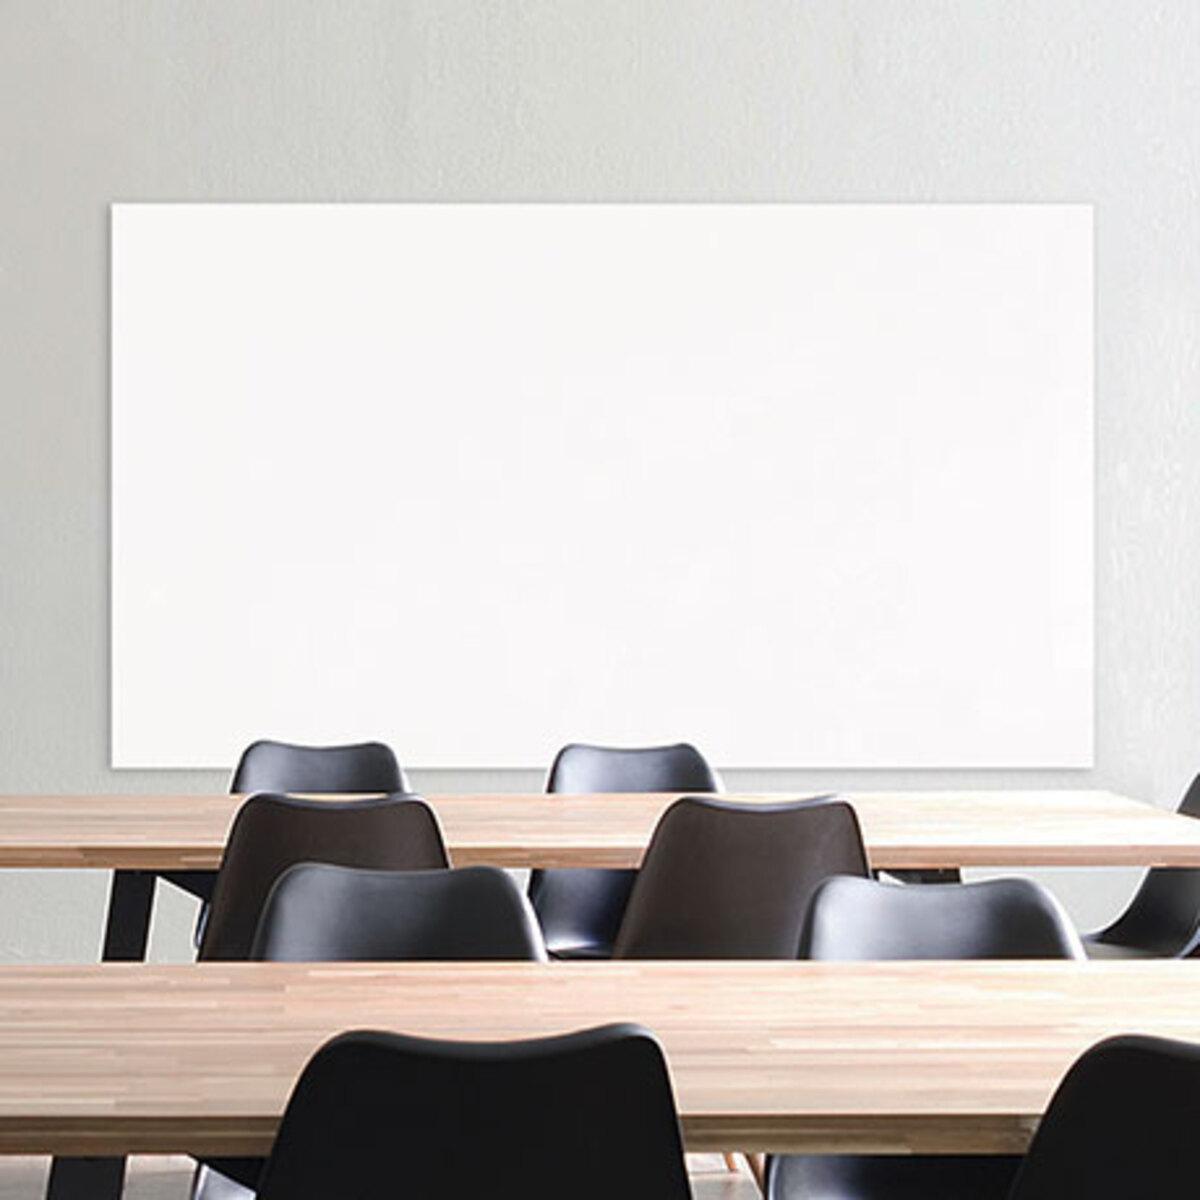 Bild 2 von Glas-Schreibtafel, 90 x 120 cm